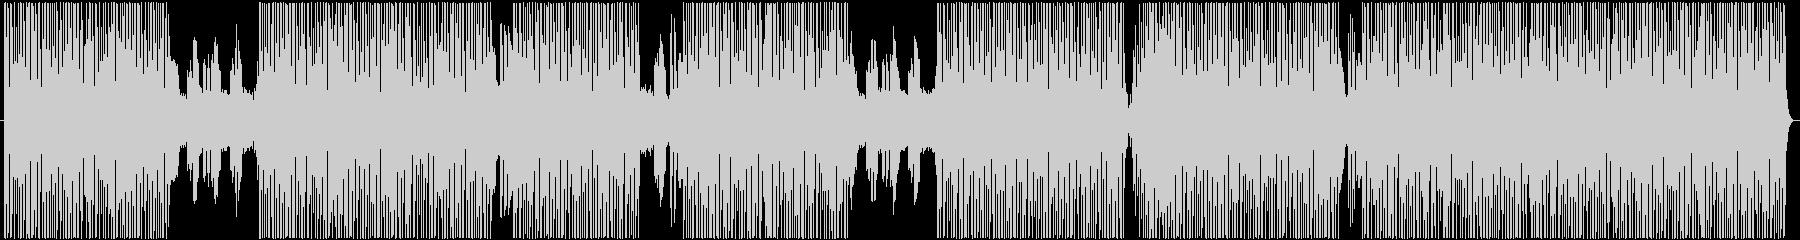 ダークで響きが特徴的なメロディーの未再生の波形